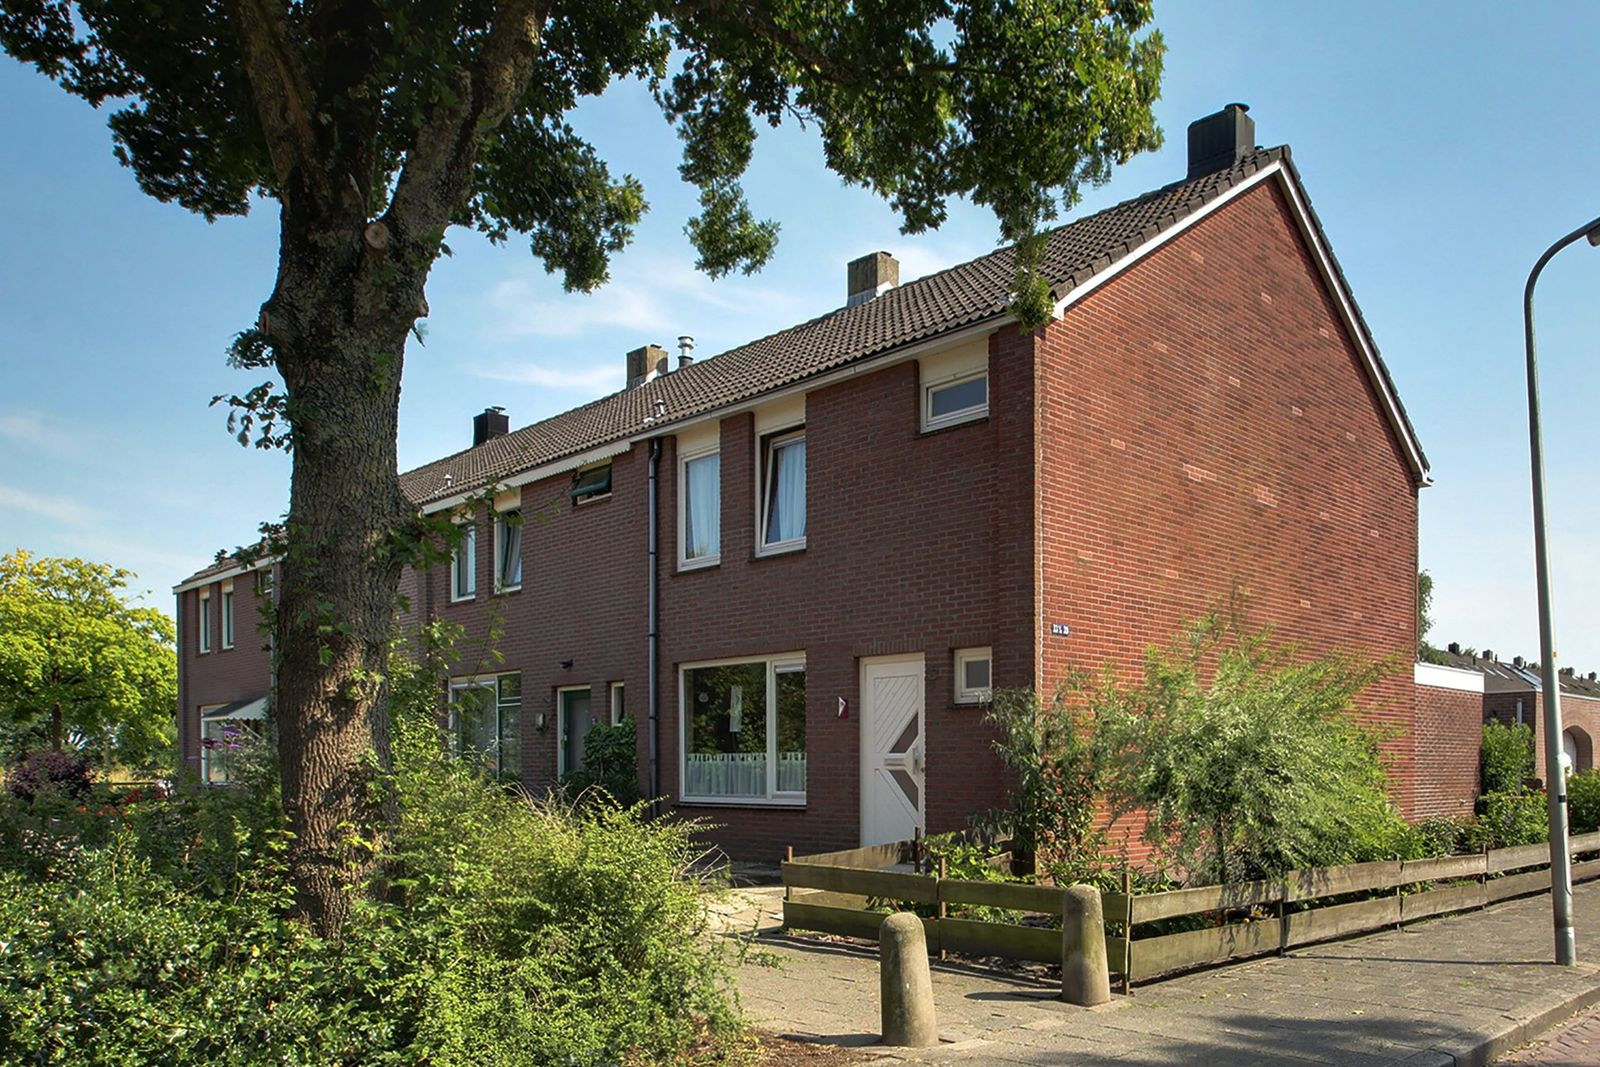 Regulus 39, Hoogeveen